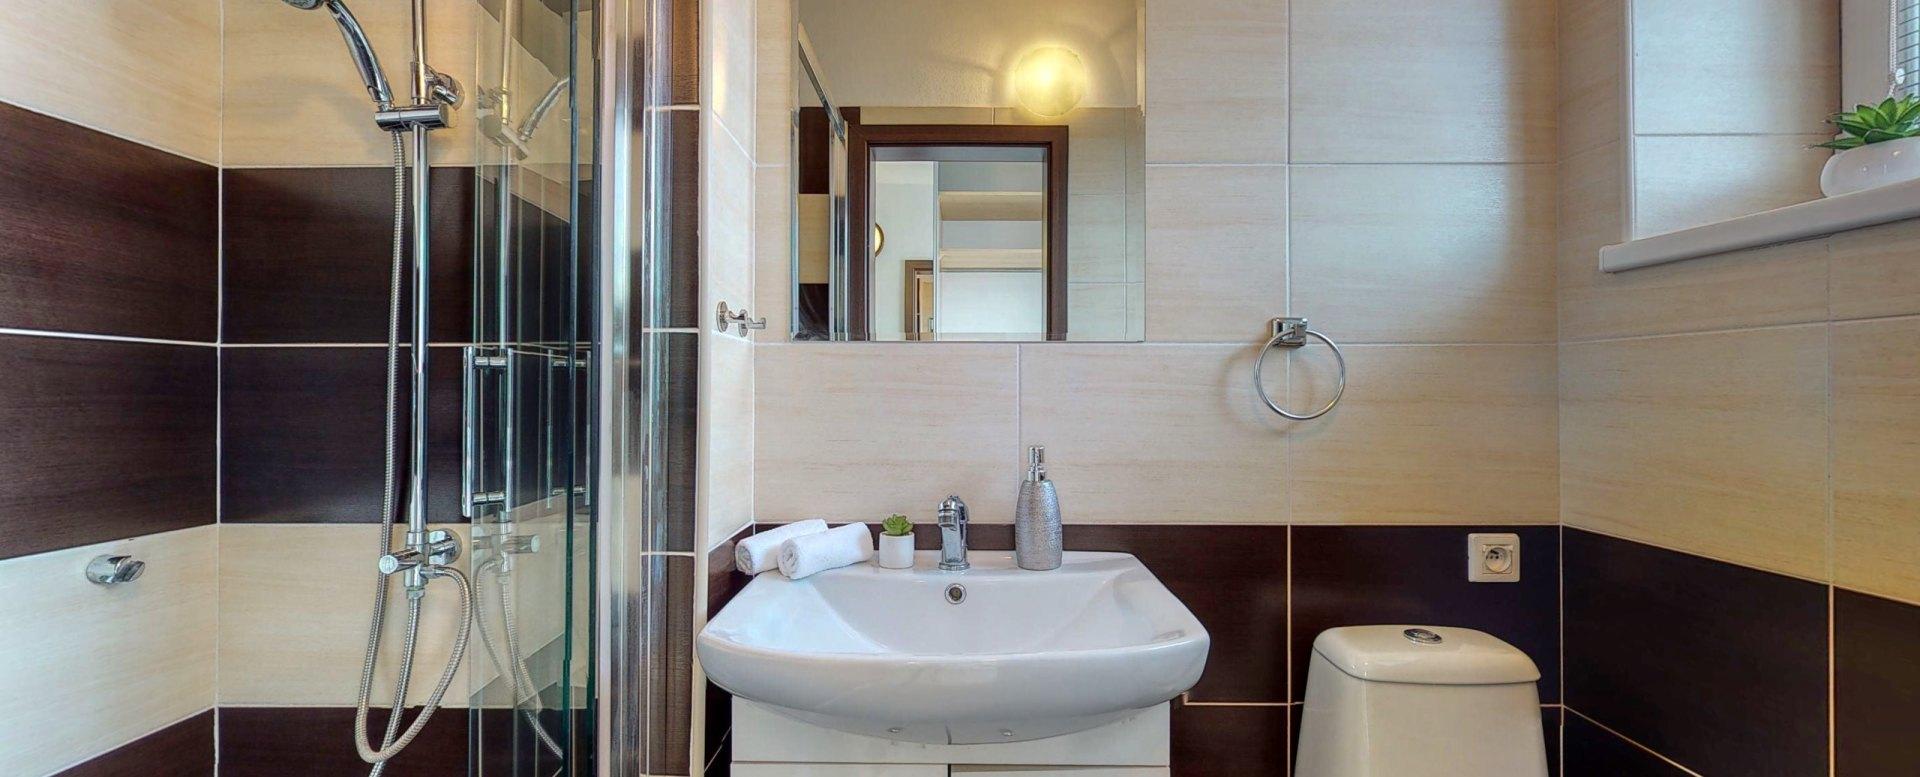 Pohľad do kúpeľne so sprchovým kútom a toaletou